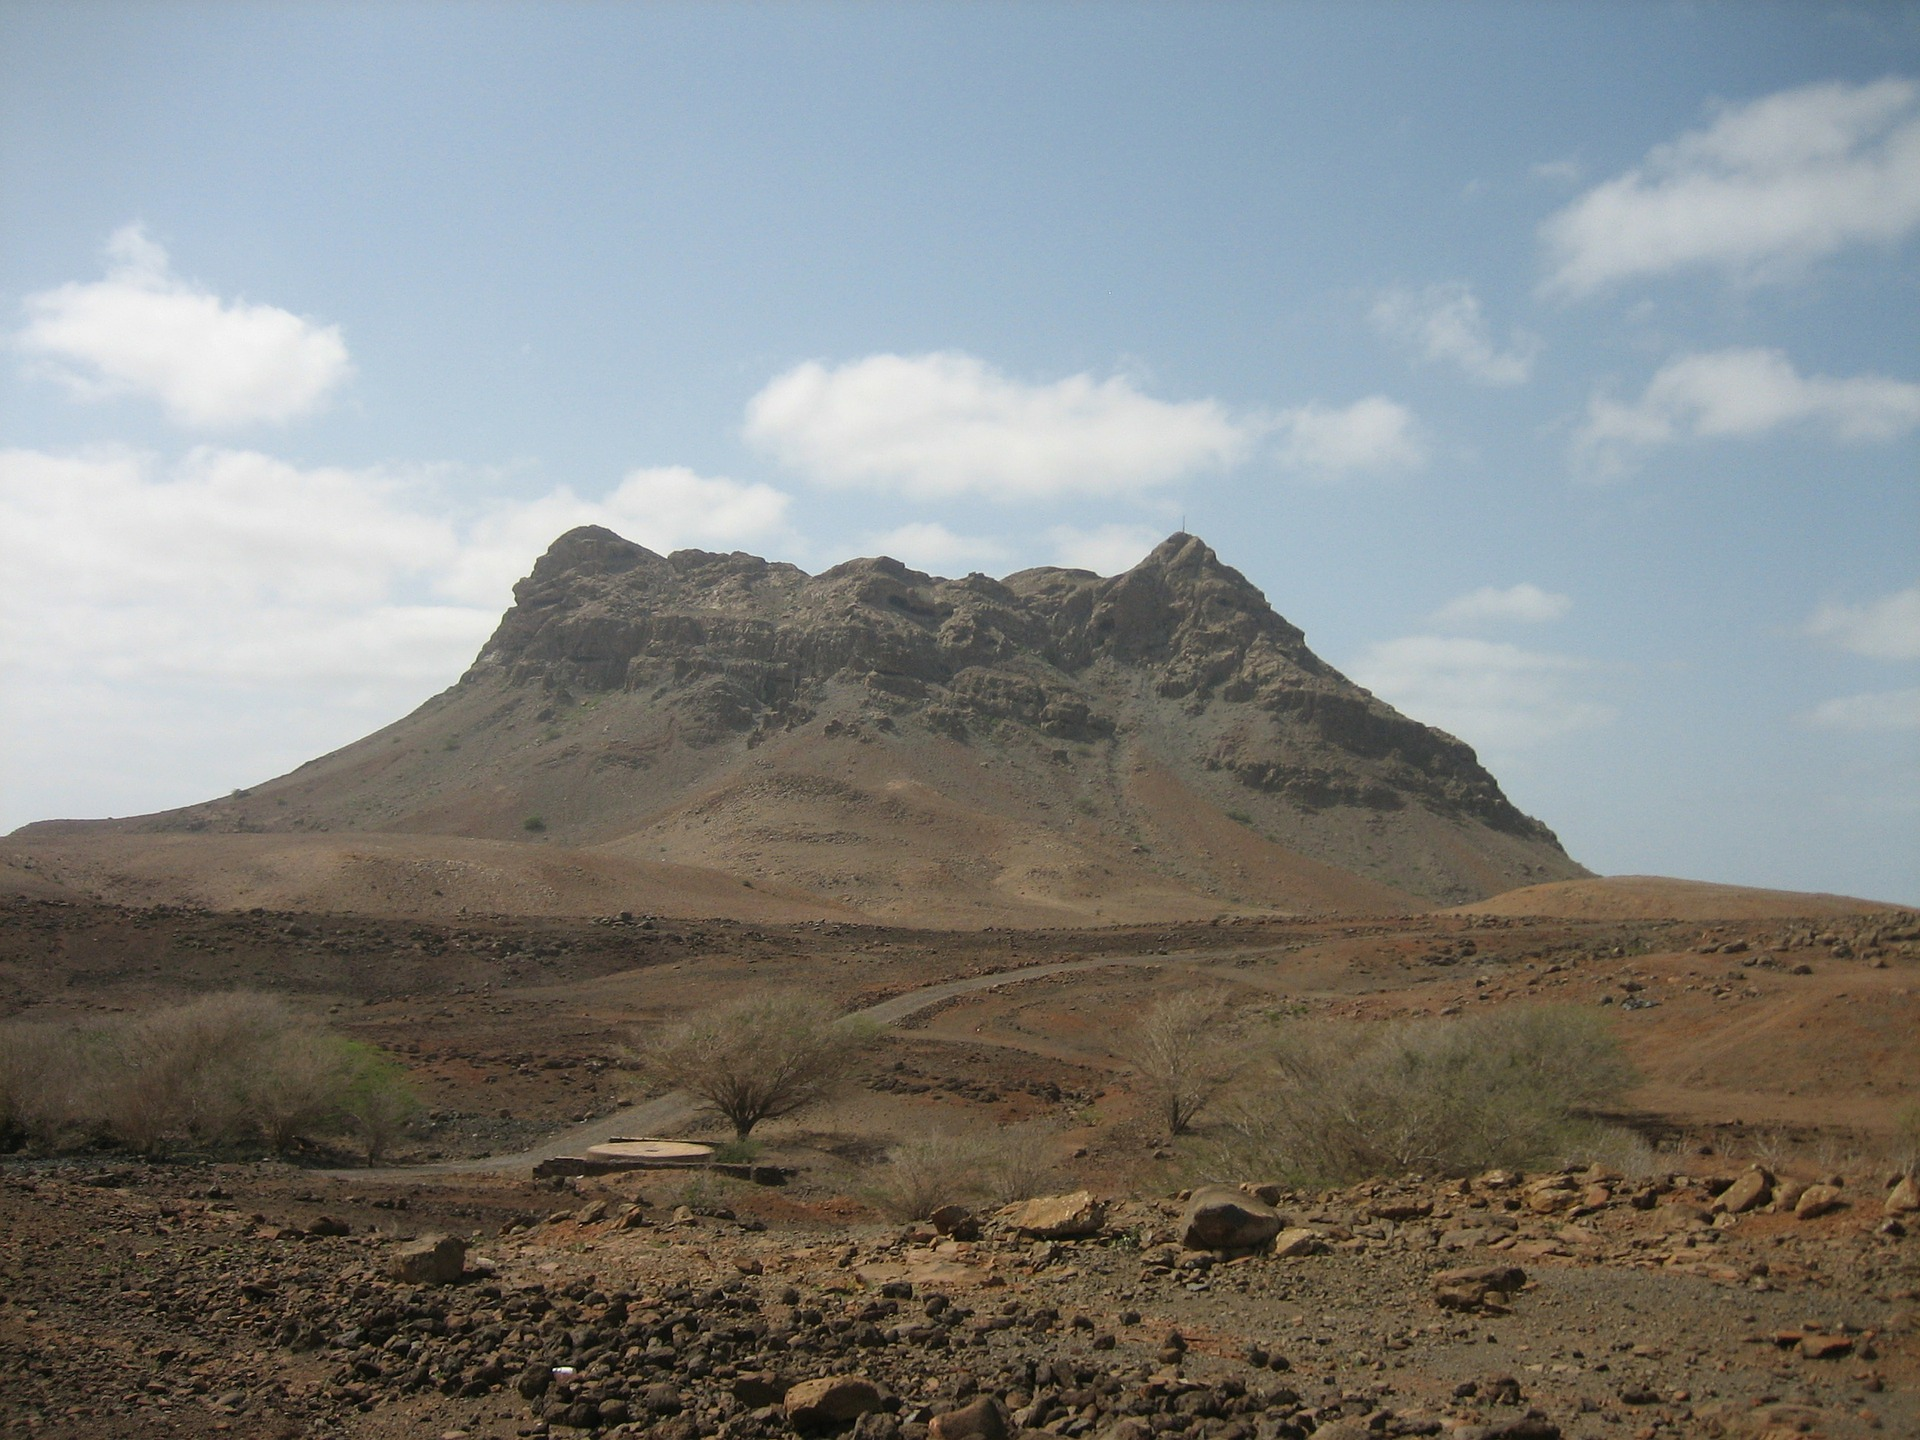 mountain-69623_1920